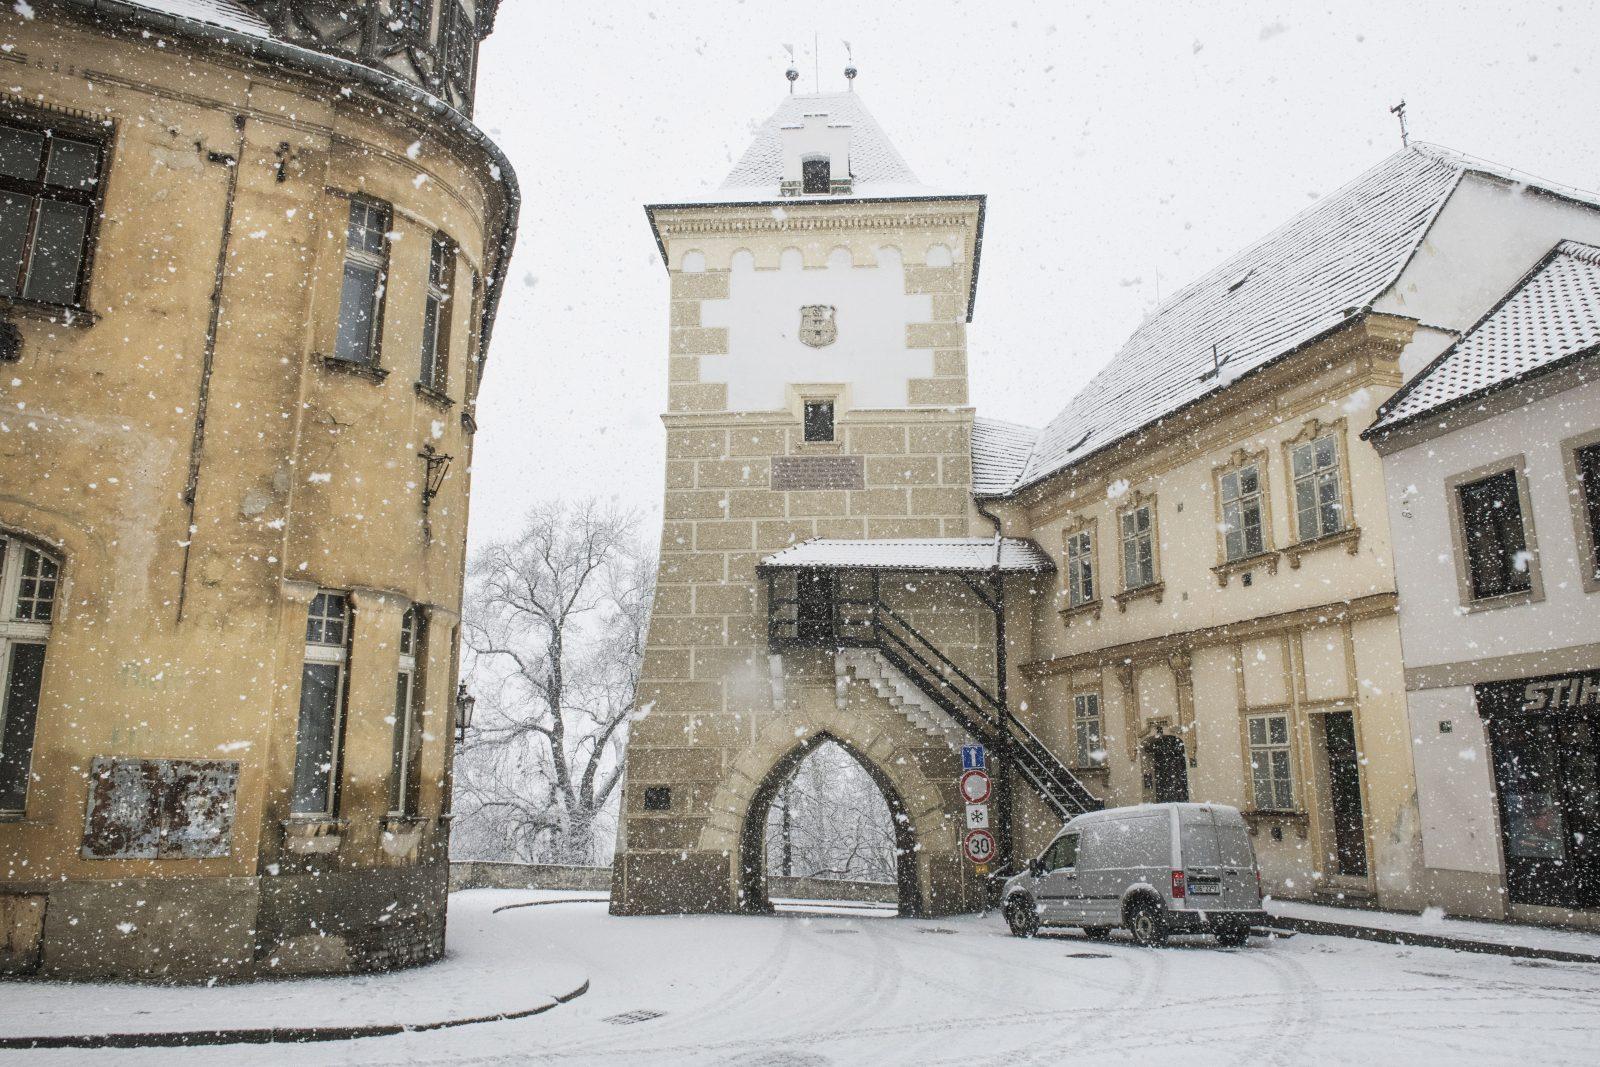 Kněžskou bránou v Žatci v jedné z epizod projede kočár s Boženou Němcovou (Anna Kameníková)